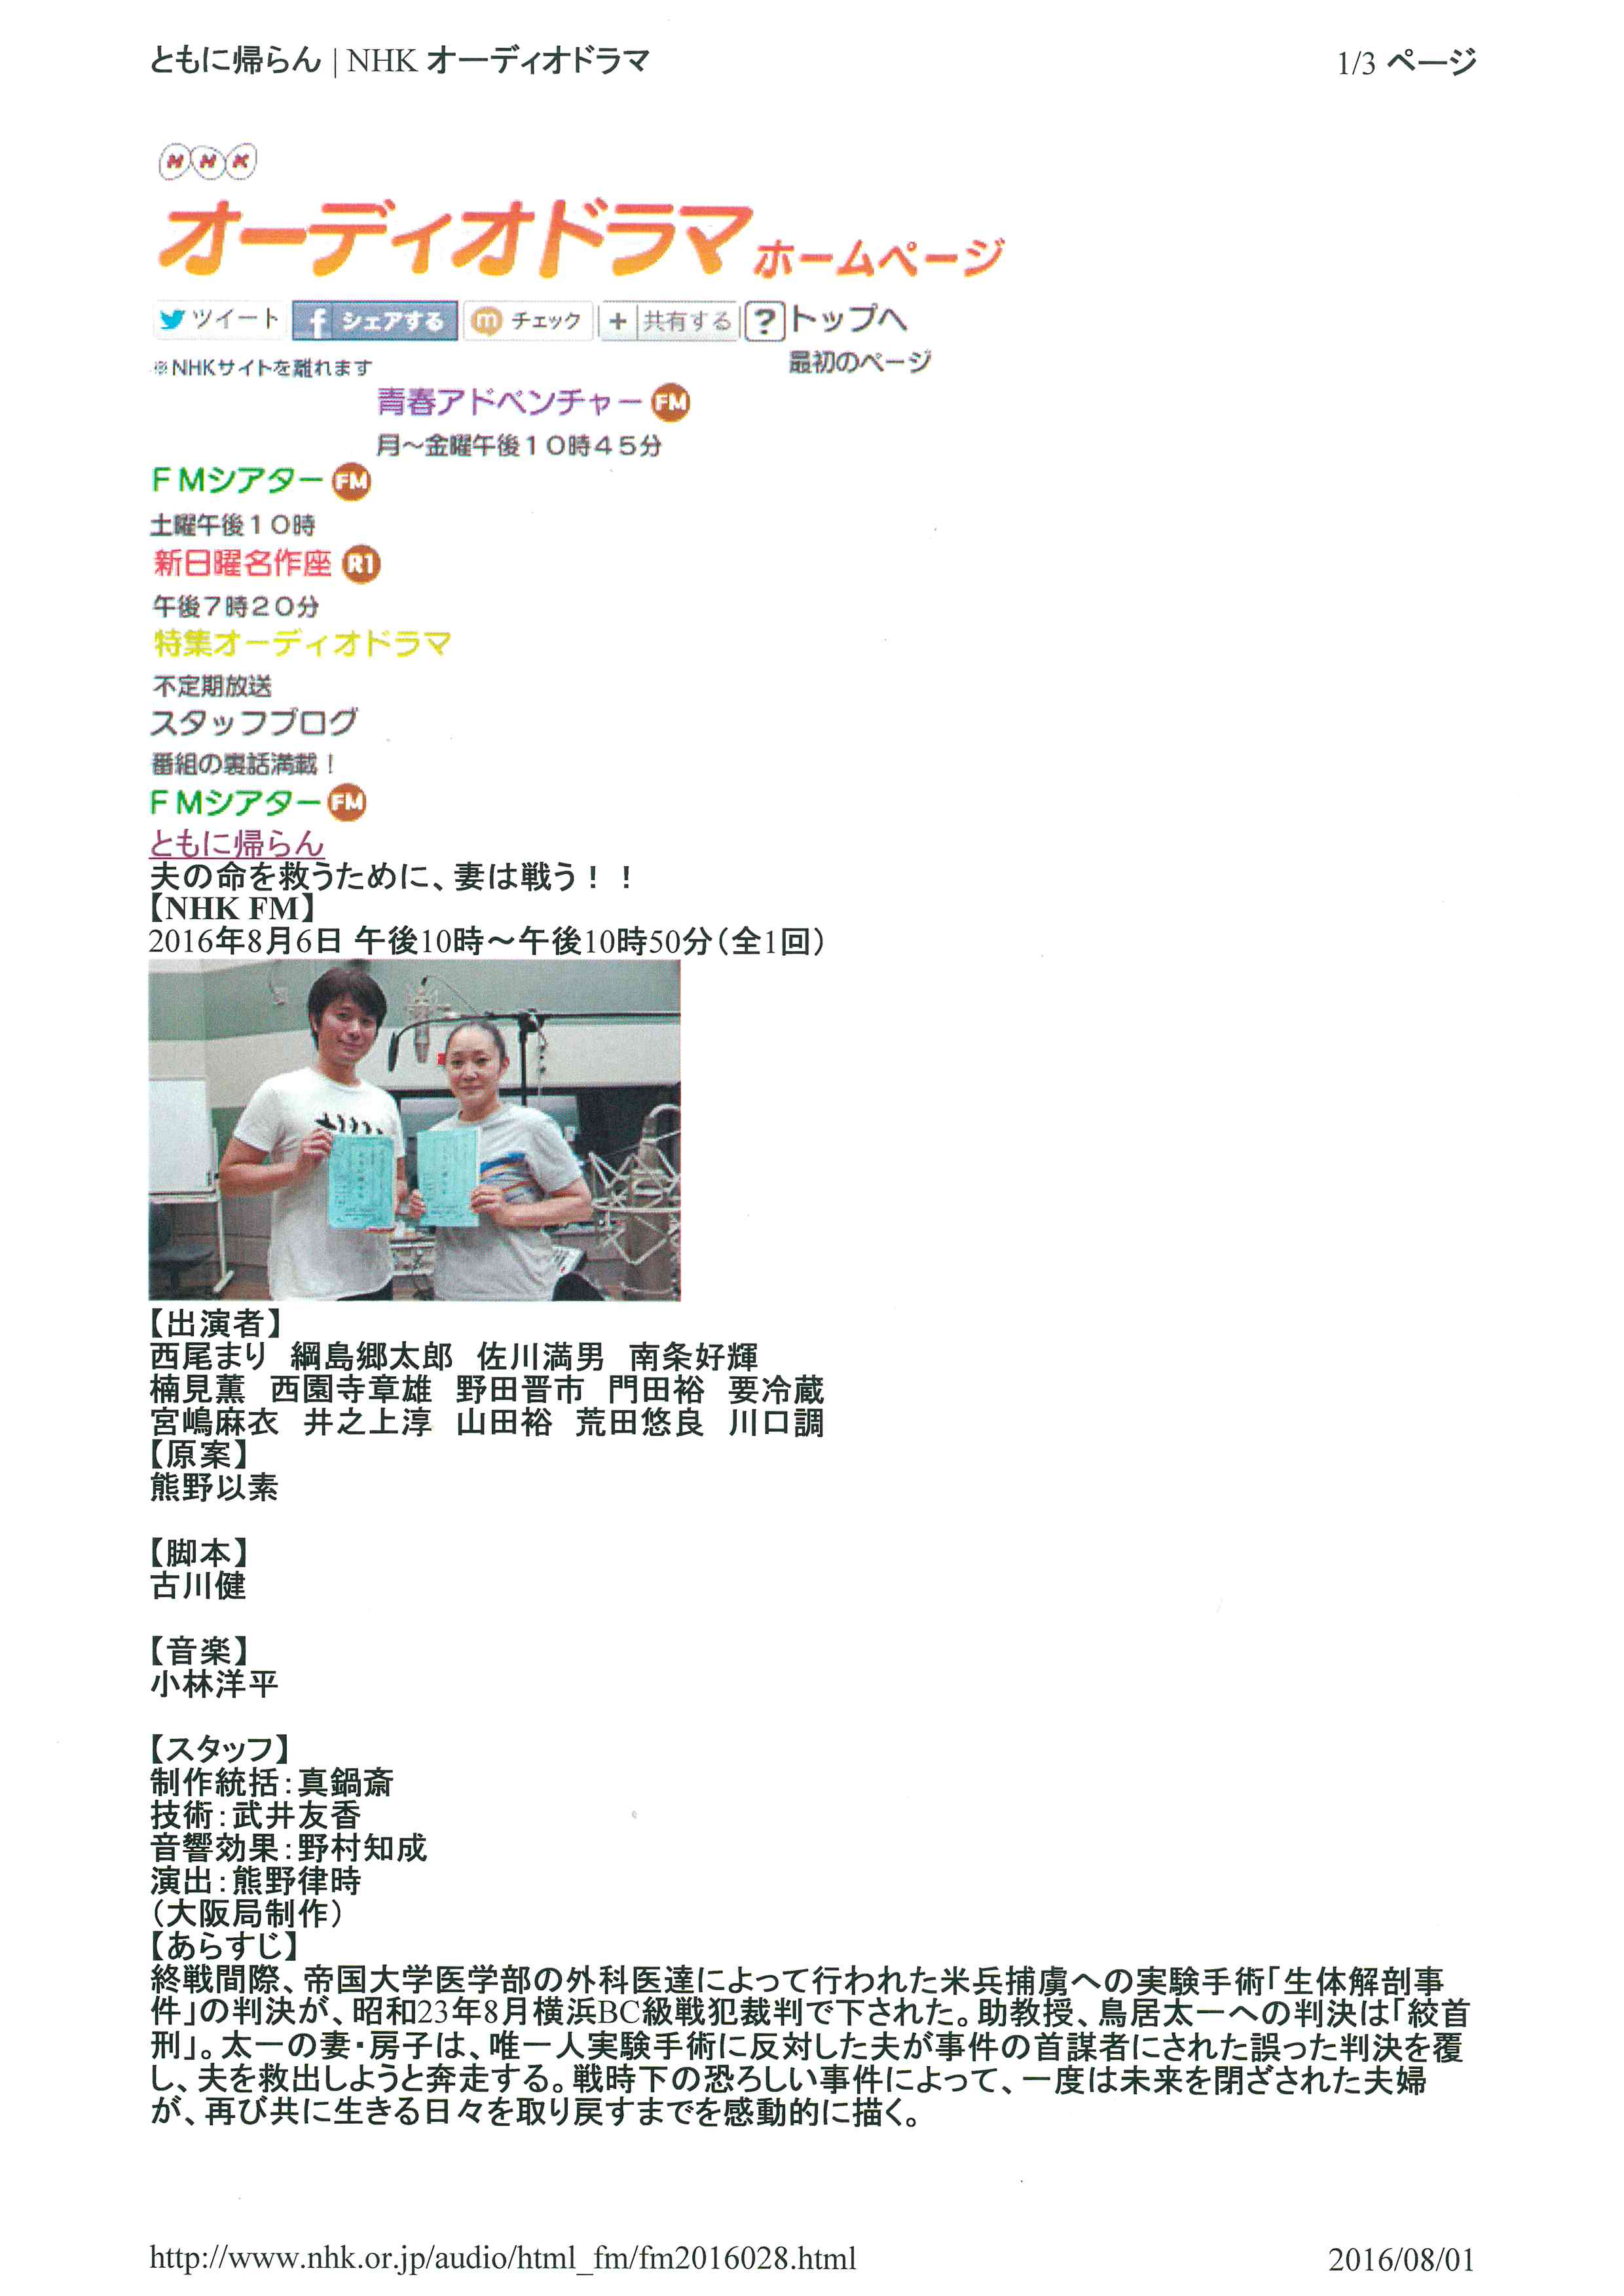 18期熊野以素さん原作のFMシアター